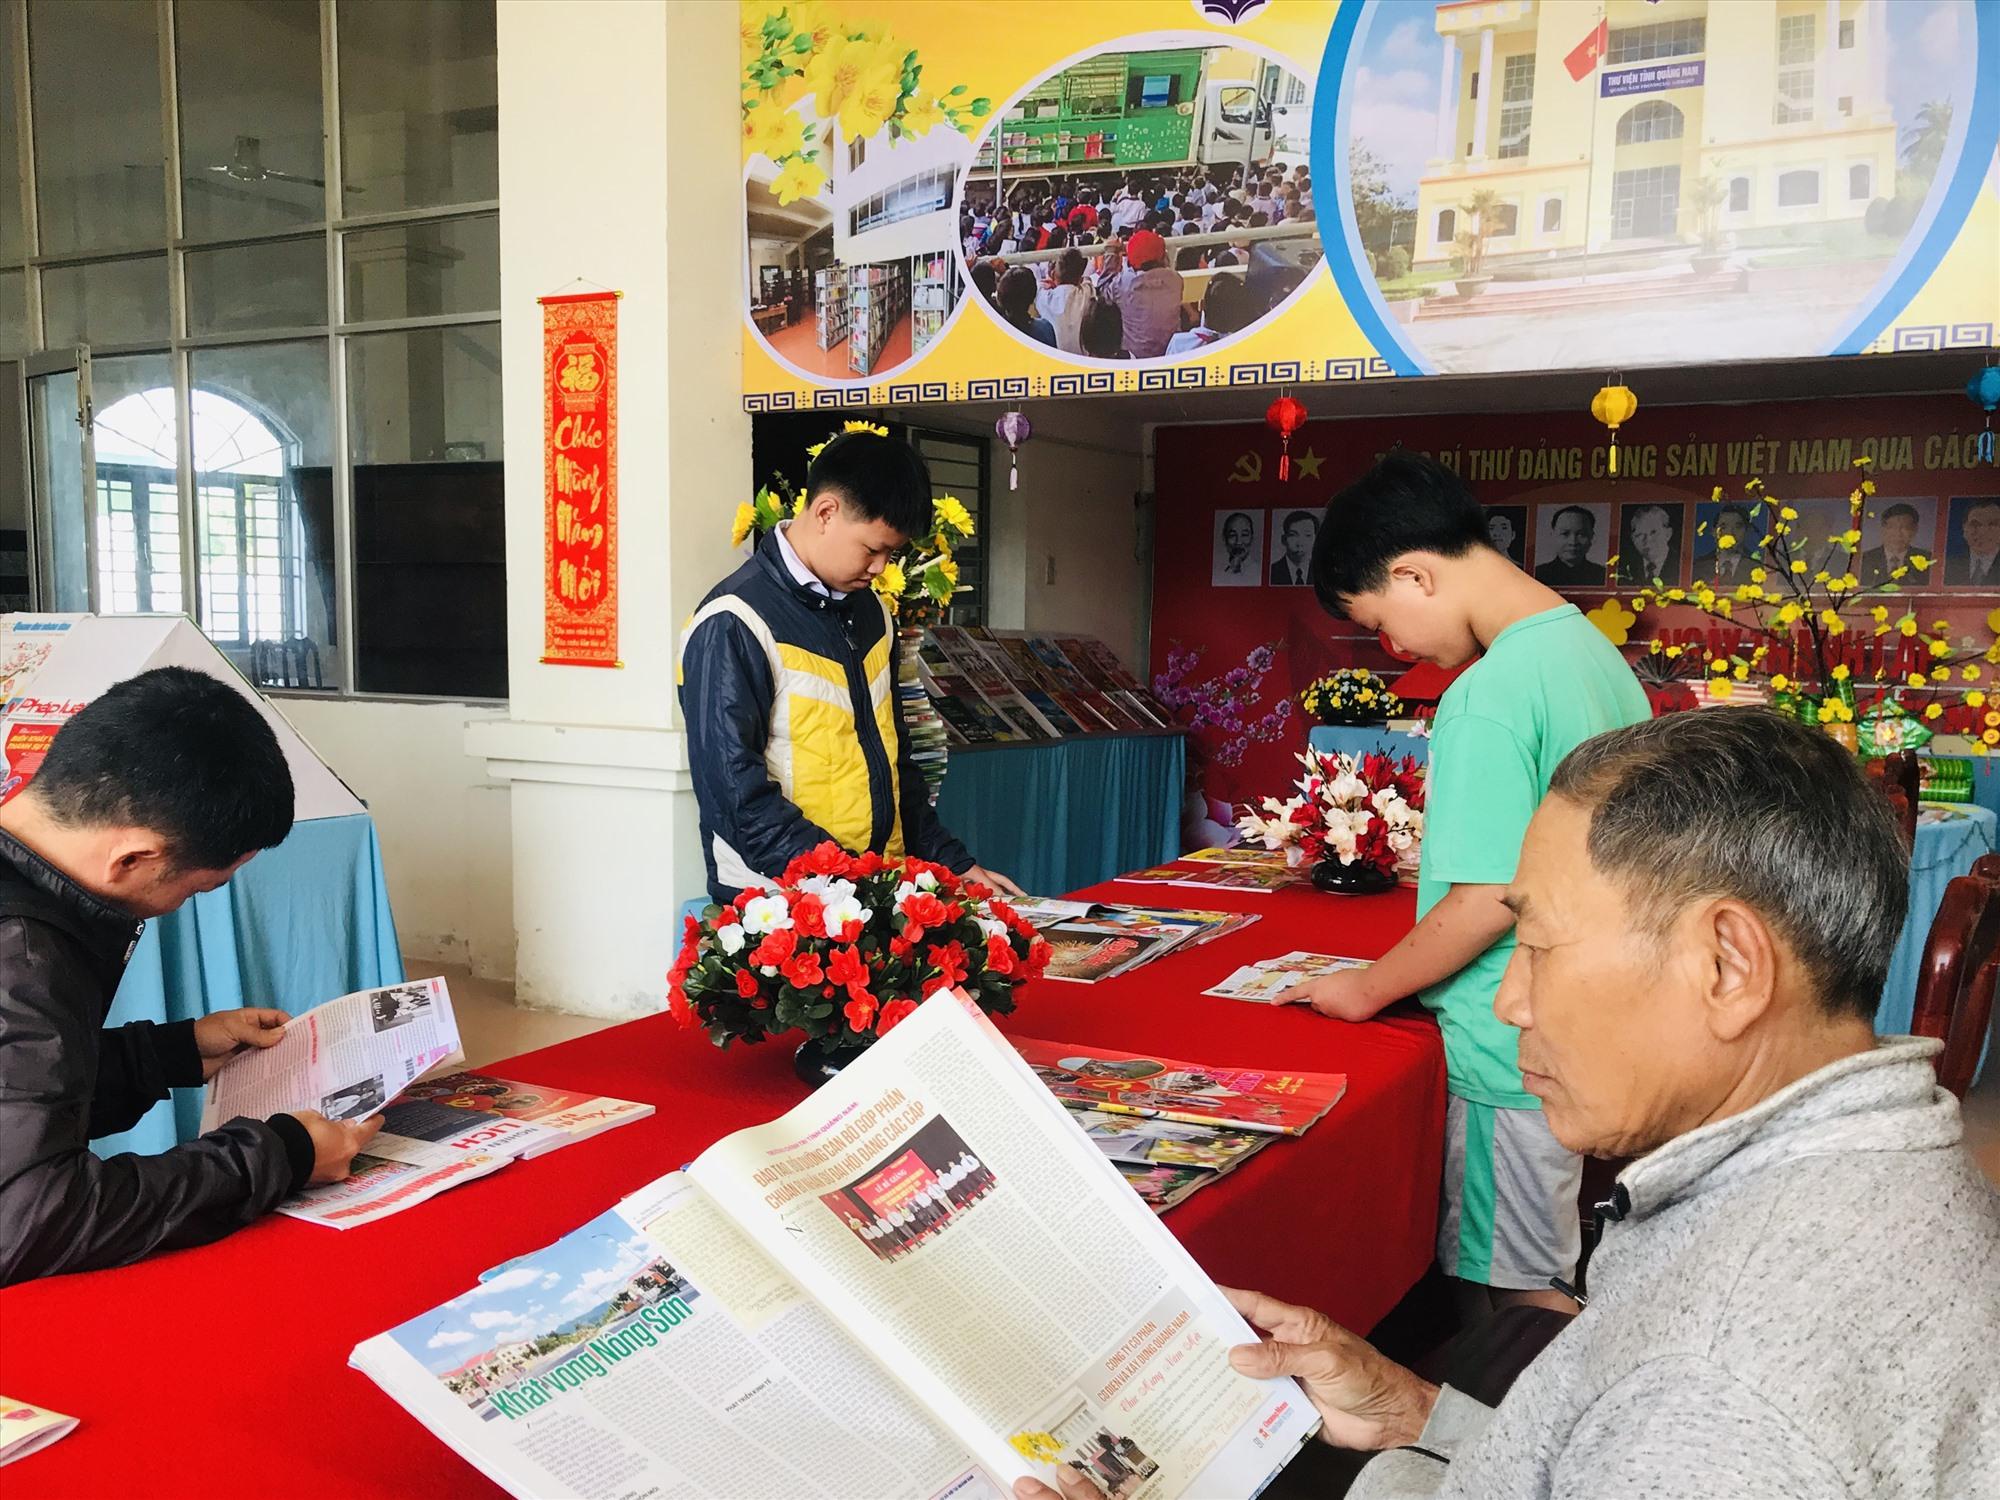 Độc giả đọc báo Xuân Canh Tý ở Thư viện tỉnh. Ảnh: C.N